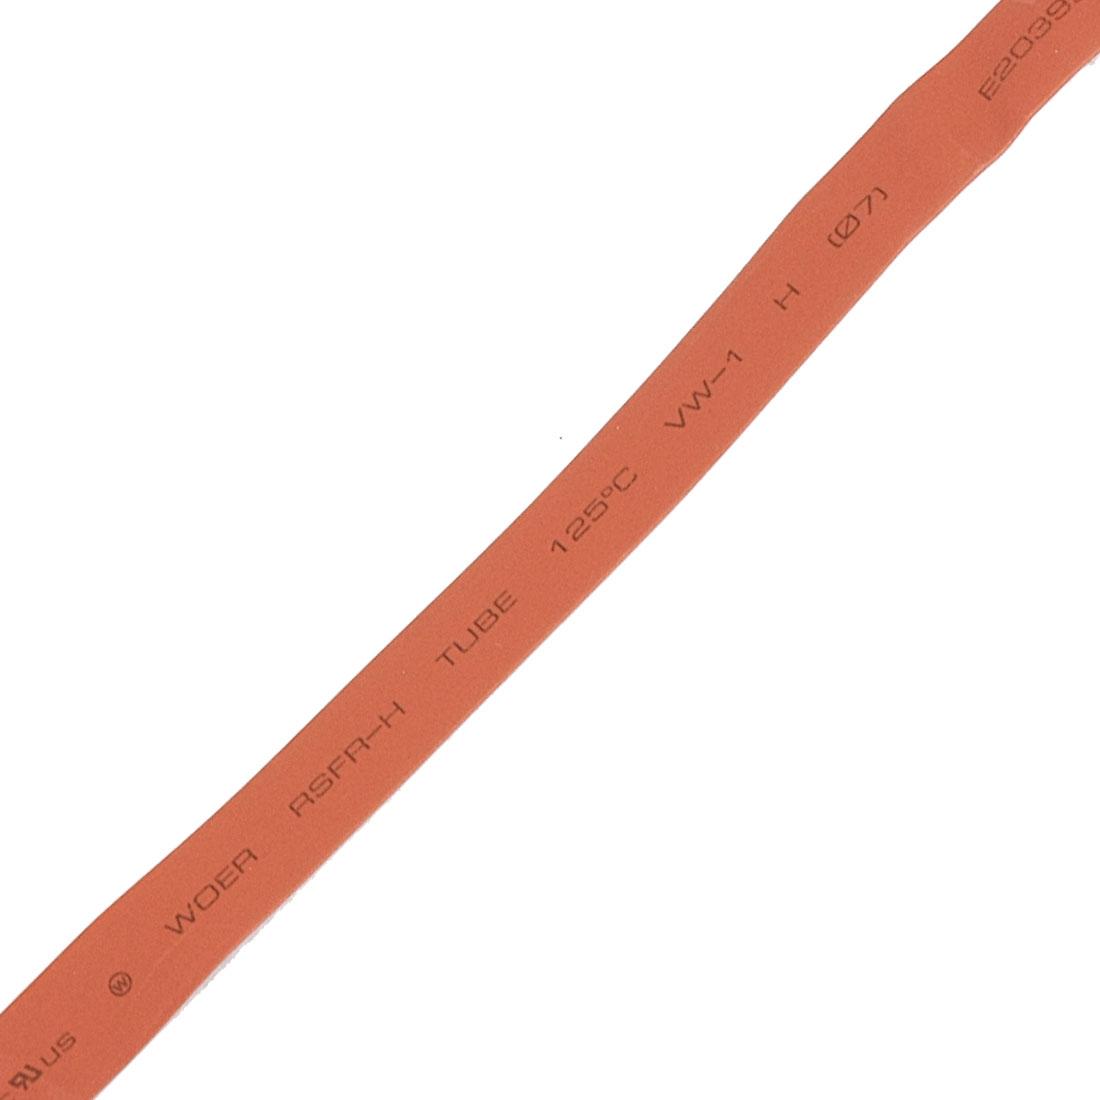 7mm Diameter Ratio 2:1 Heat Shrinking Shrinkable Tube Red 8M